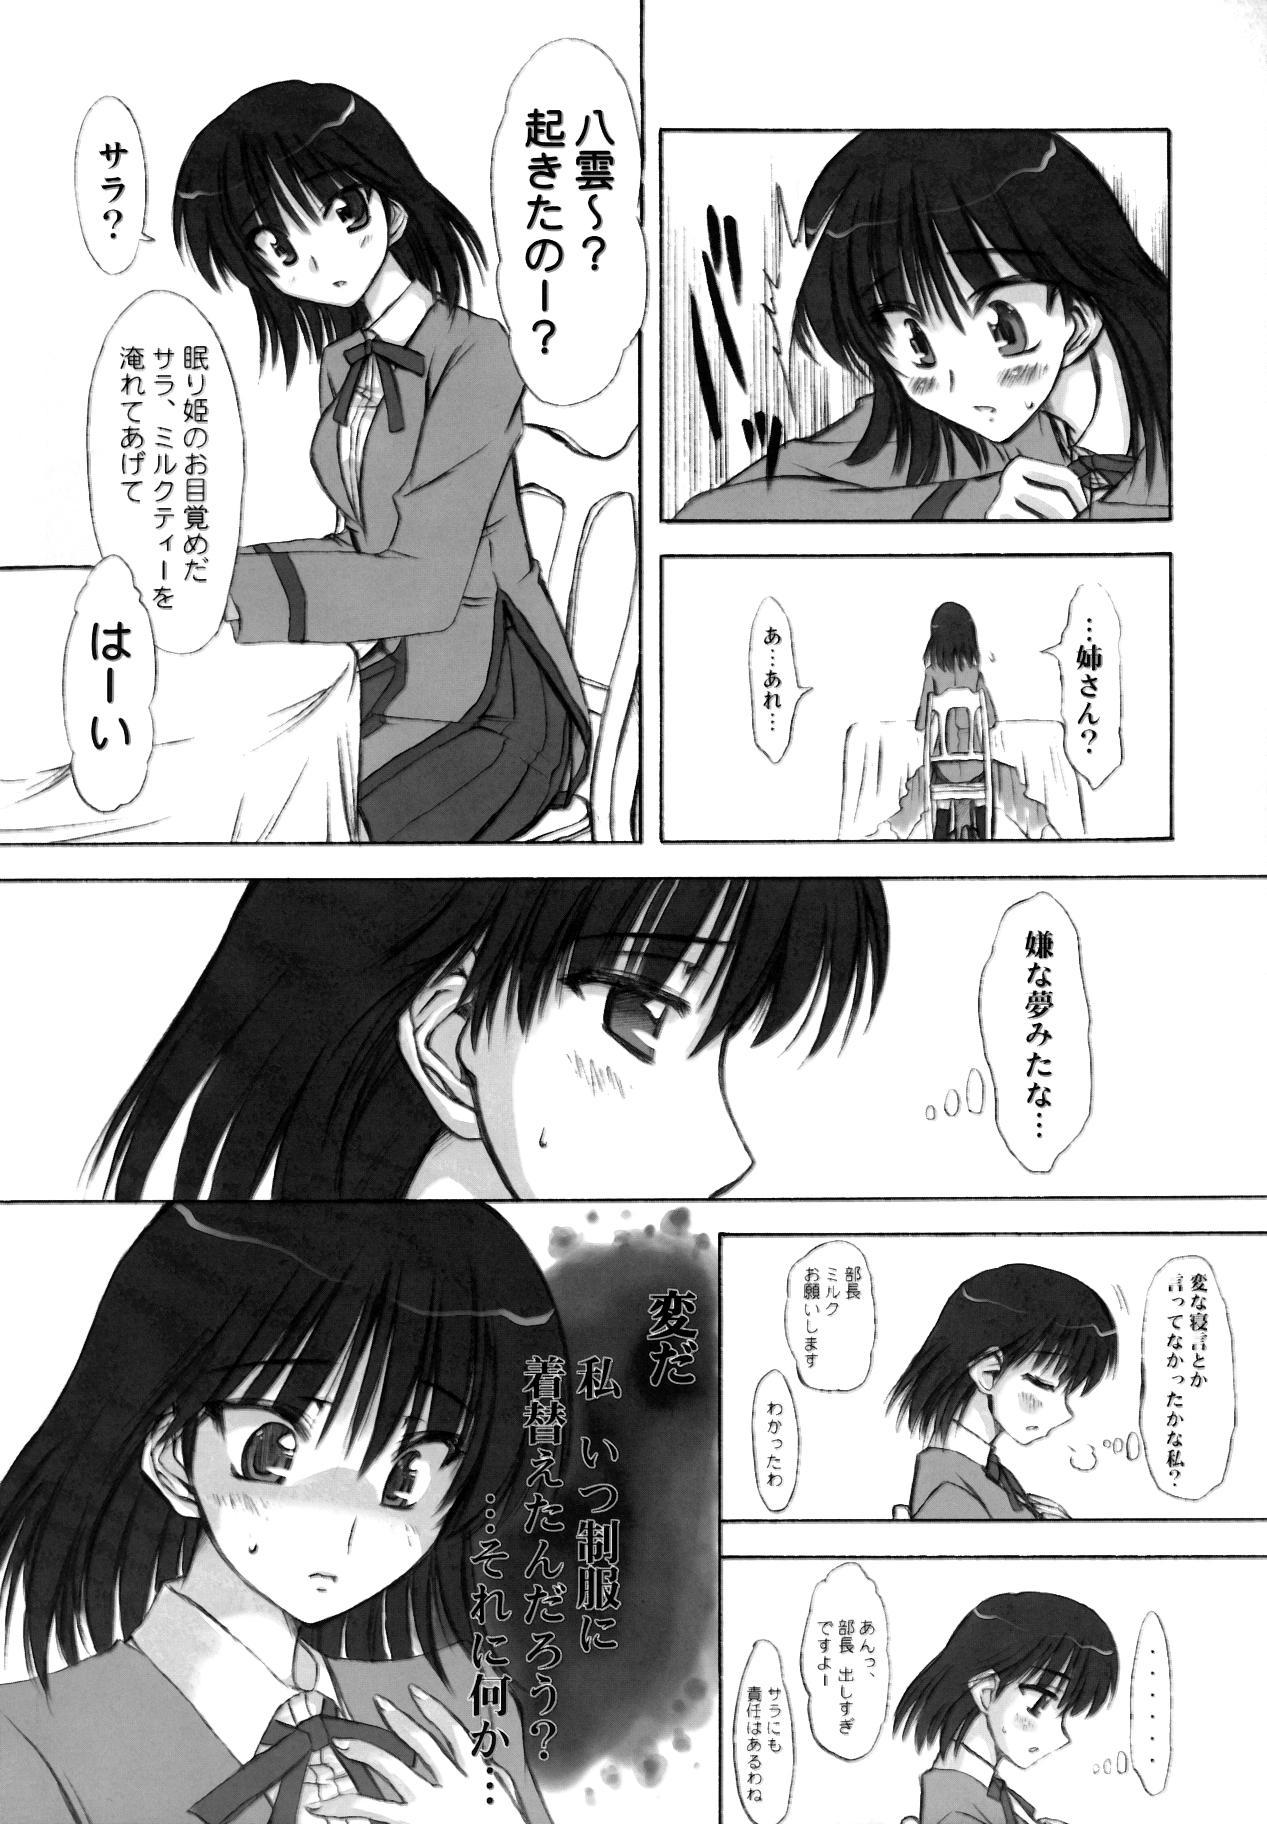 Rinshoku 42